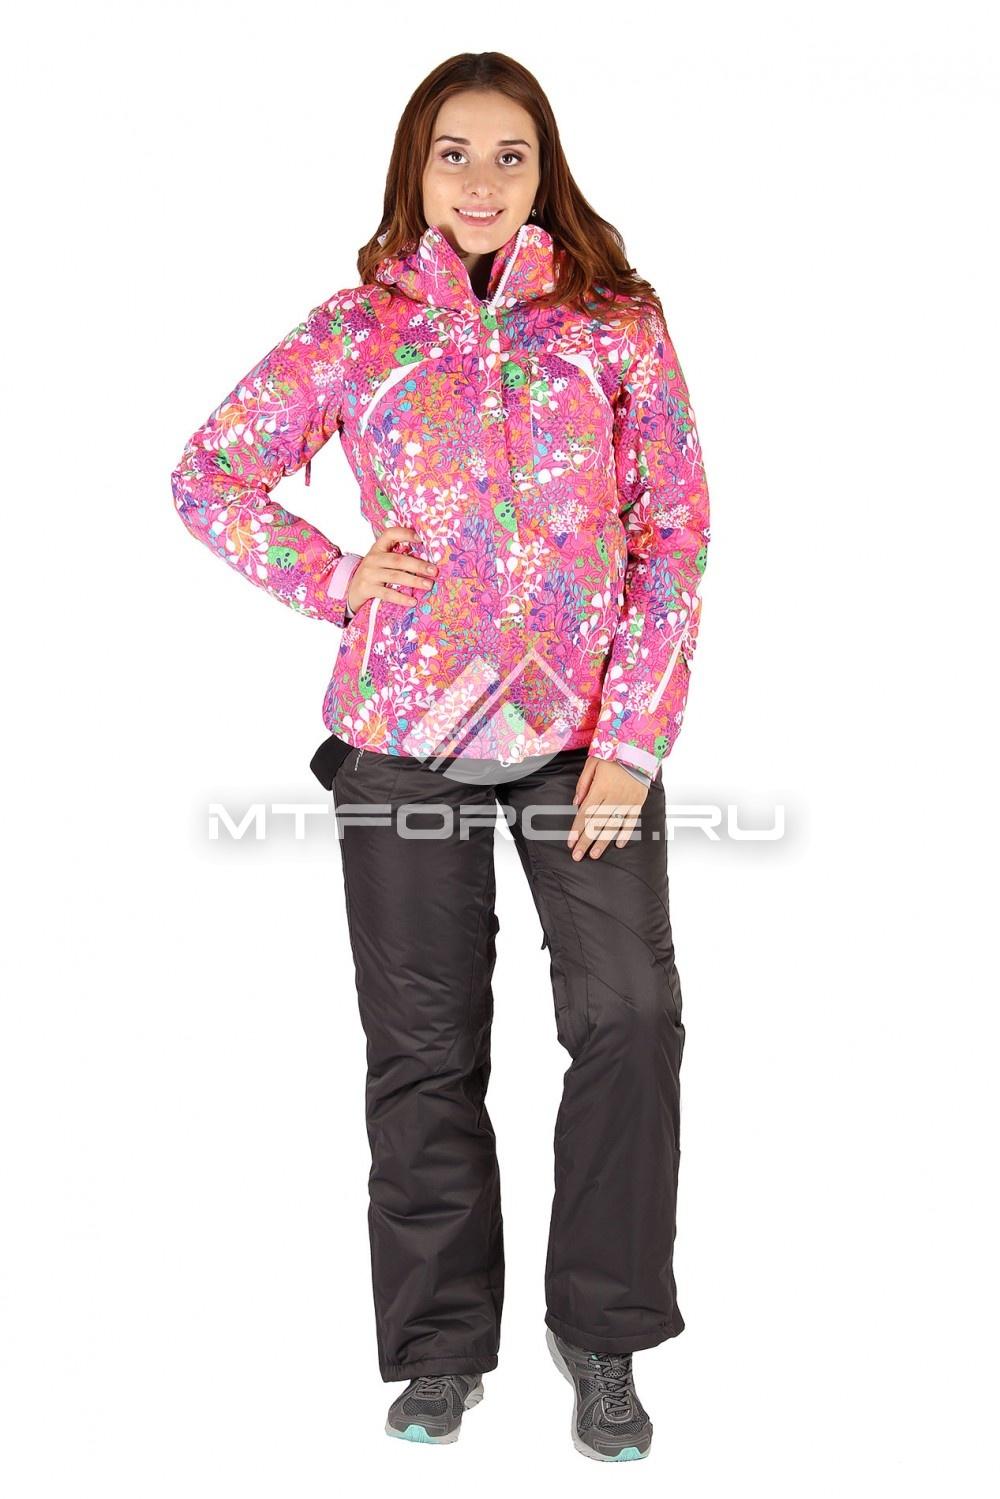 Купить                                  оптом Костюм горнолыжный женский розового цвета 01421R